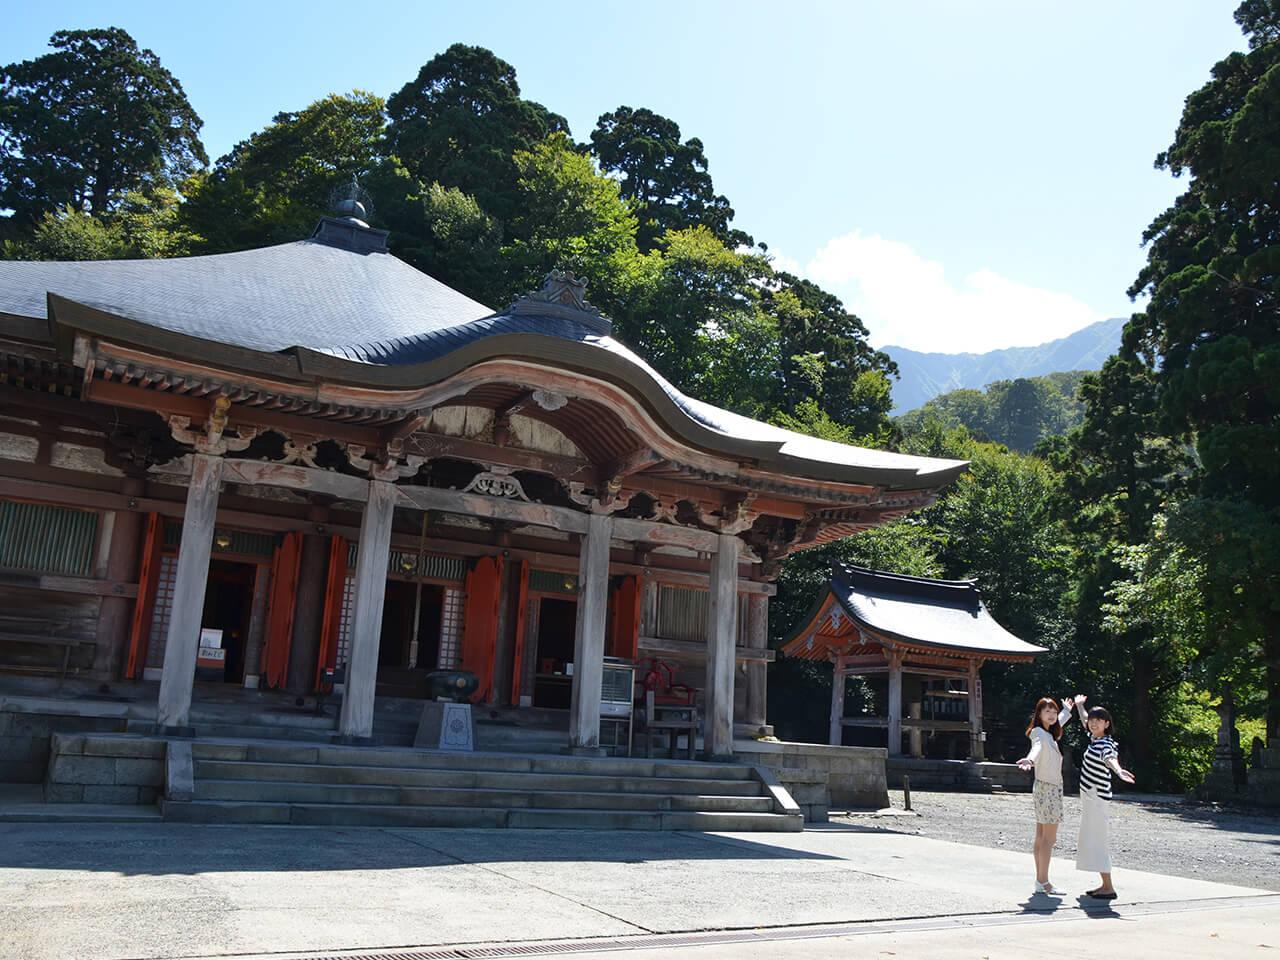 大山寺本堂(だいせんじほんどう)